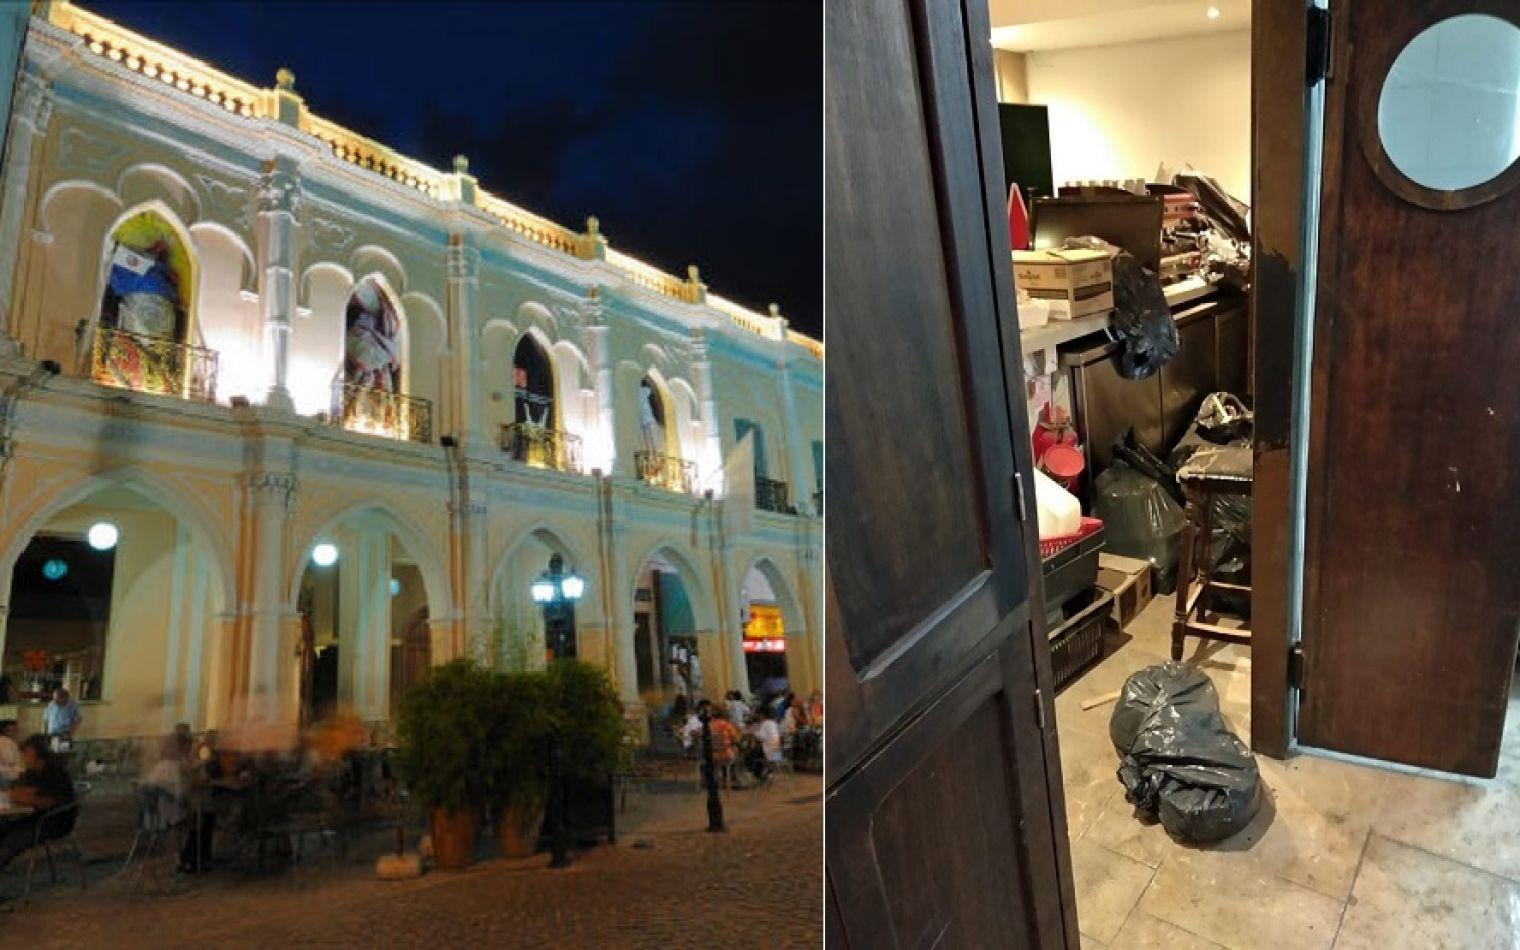 Nuevo escrache al Resto MAAM: denunciaron al encargado por acoso y no quiere pagar